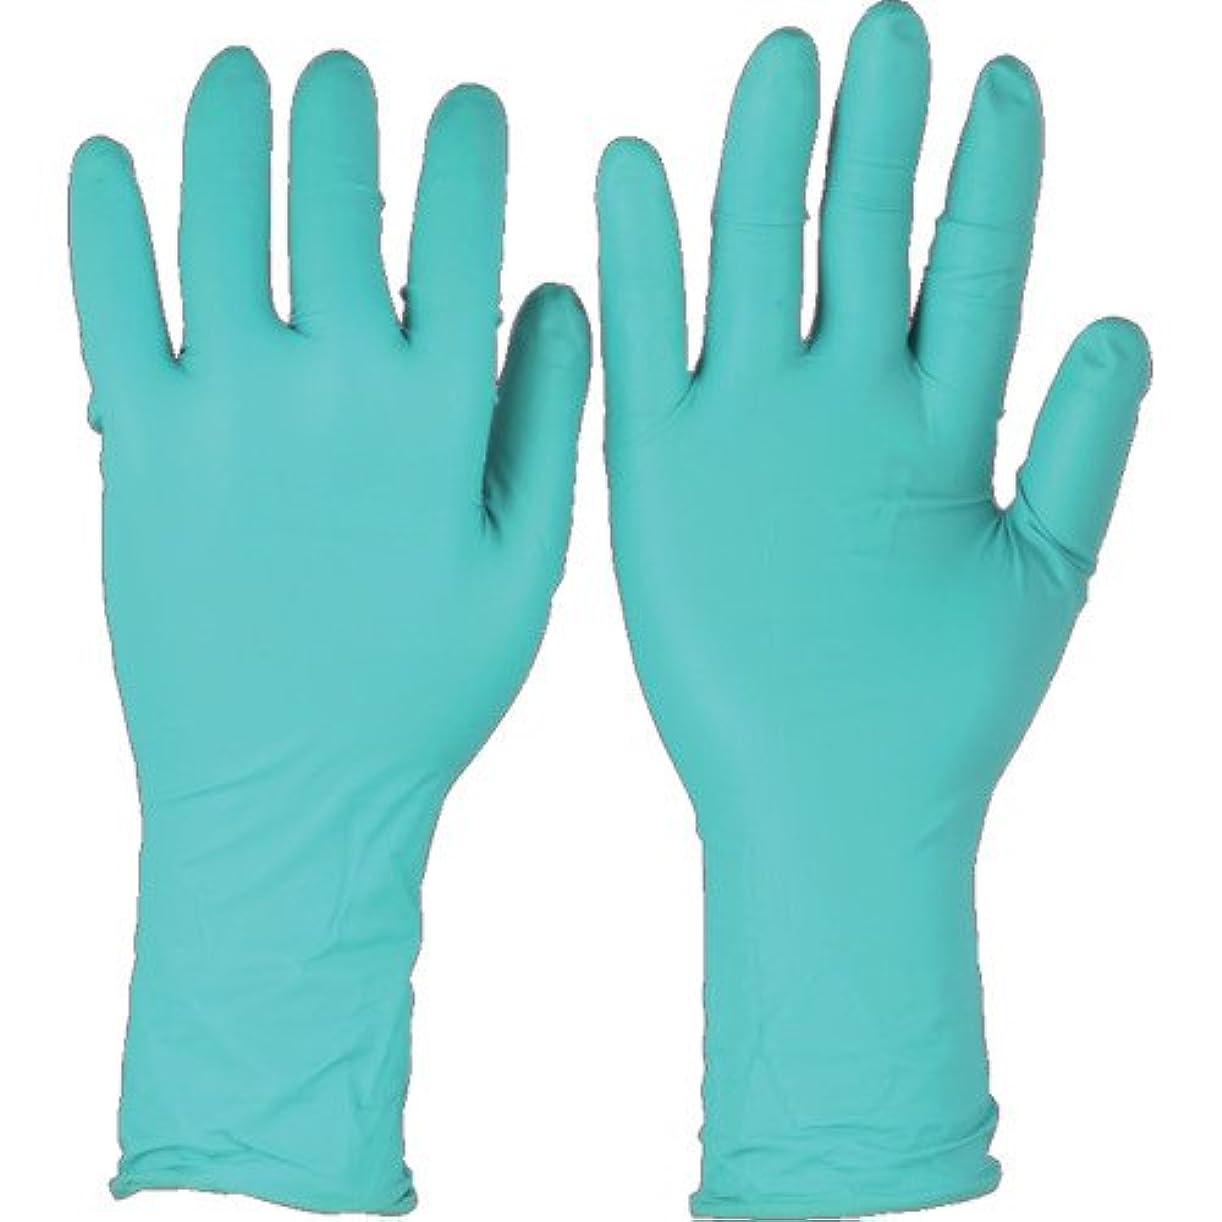 磨かれたやけど痴漢トラスコ中山 アンセル ネオプレンゴム使い捨て手袋 マイクロフレックス 93-260 XSサイズ (50枚入)  932606